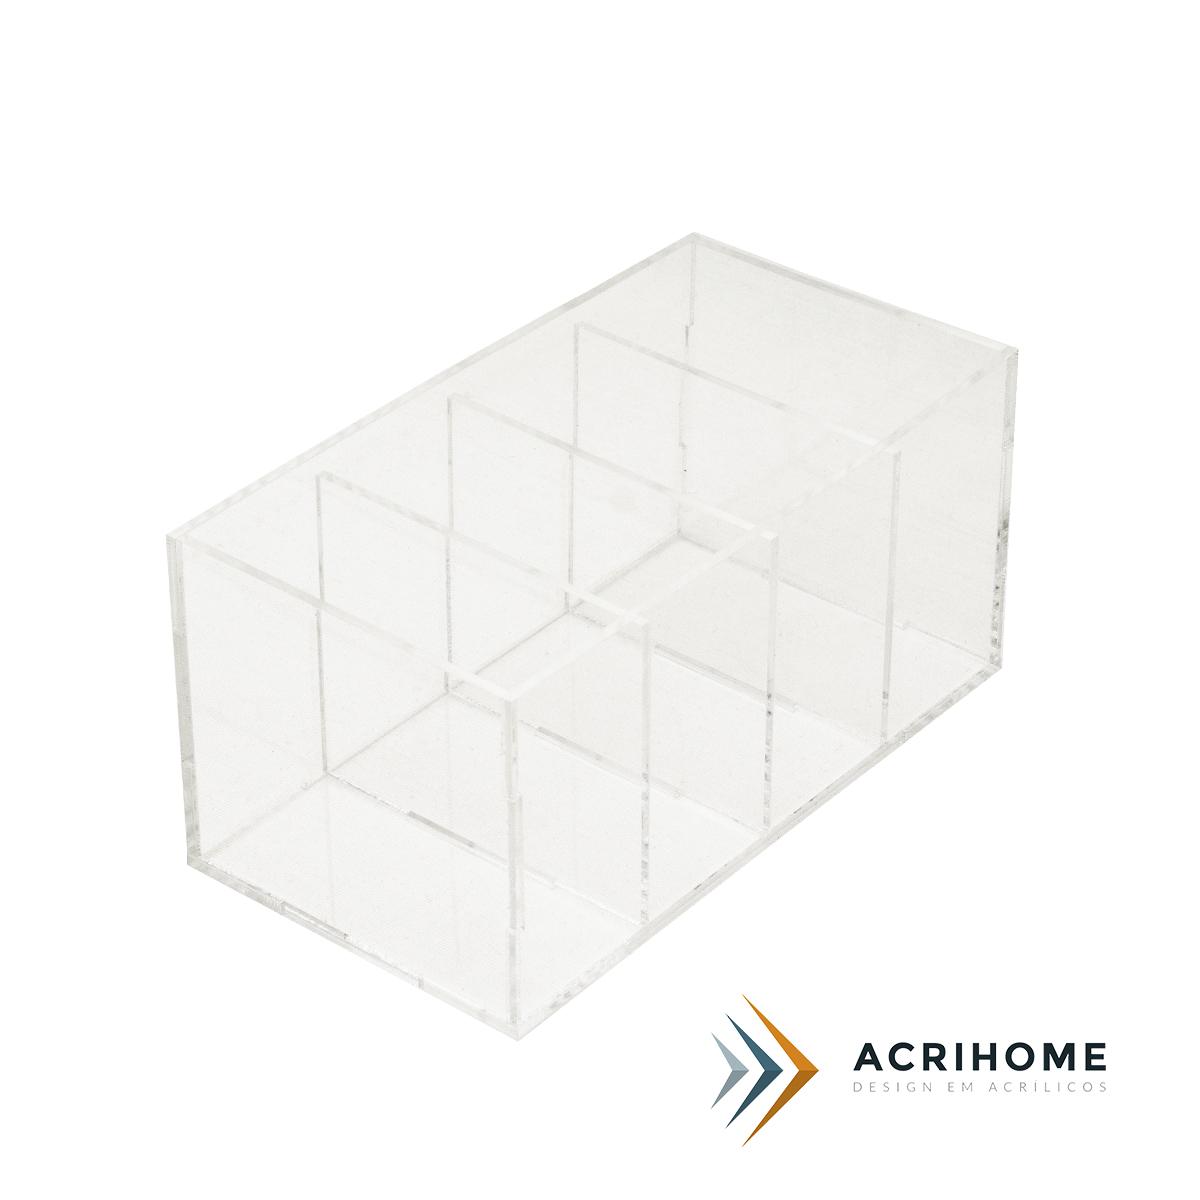 Porta controle remoto de acrílico transparente